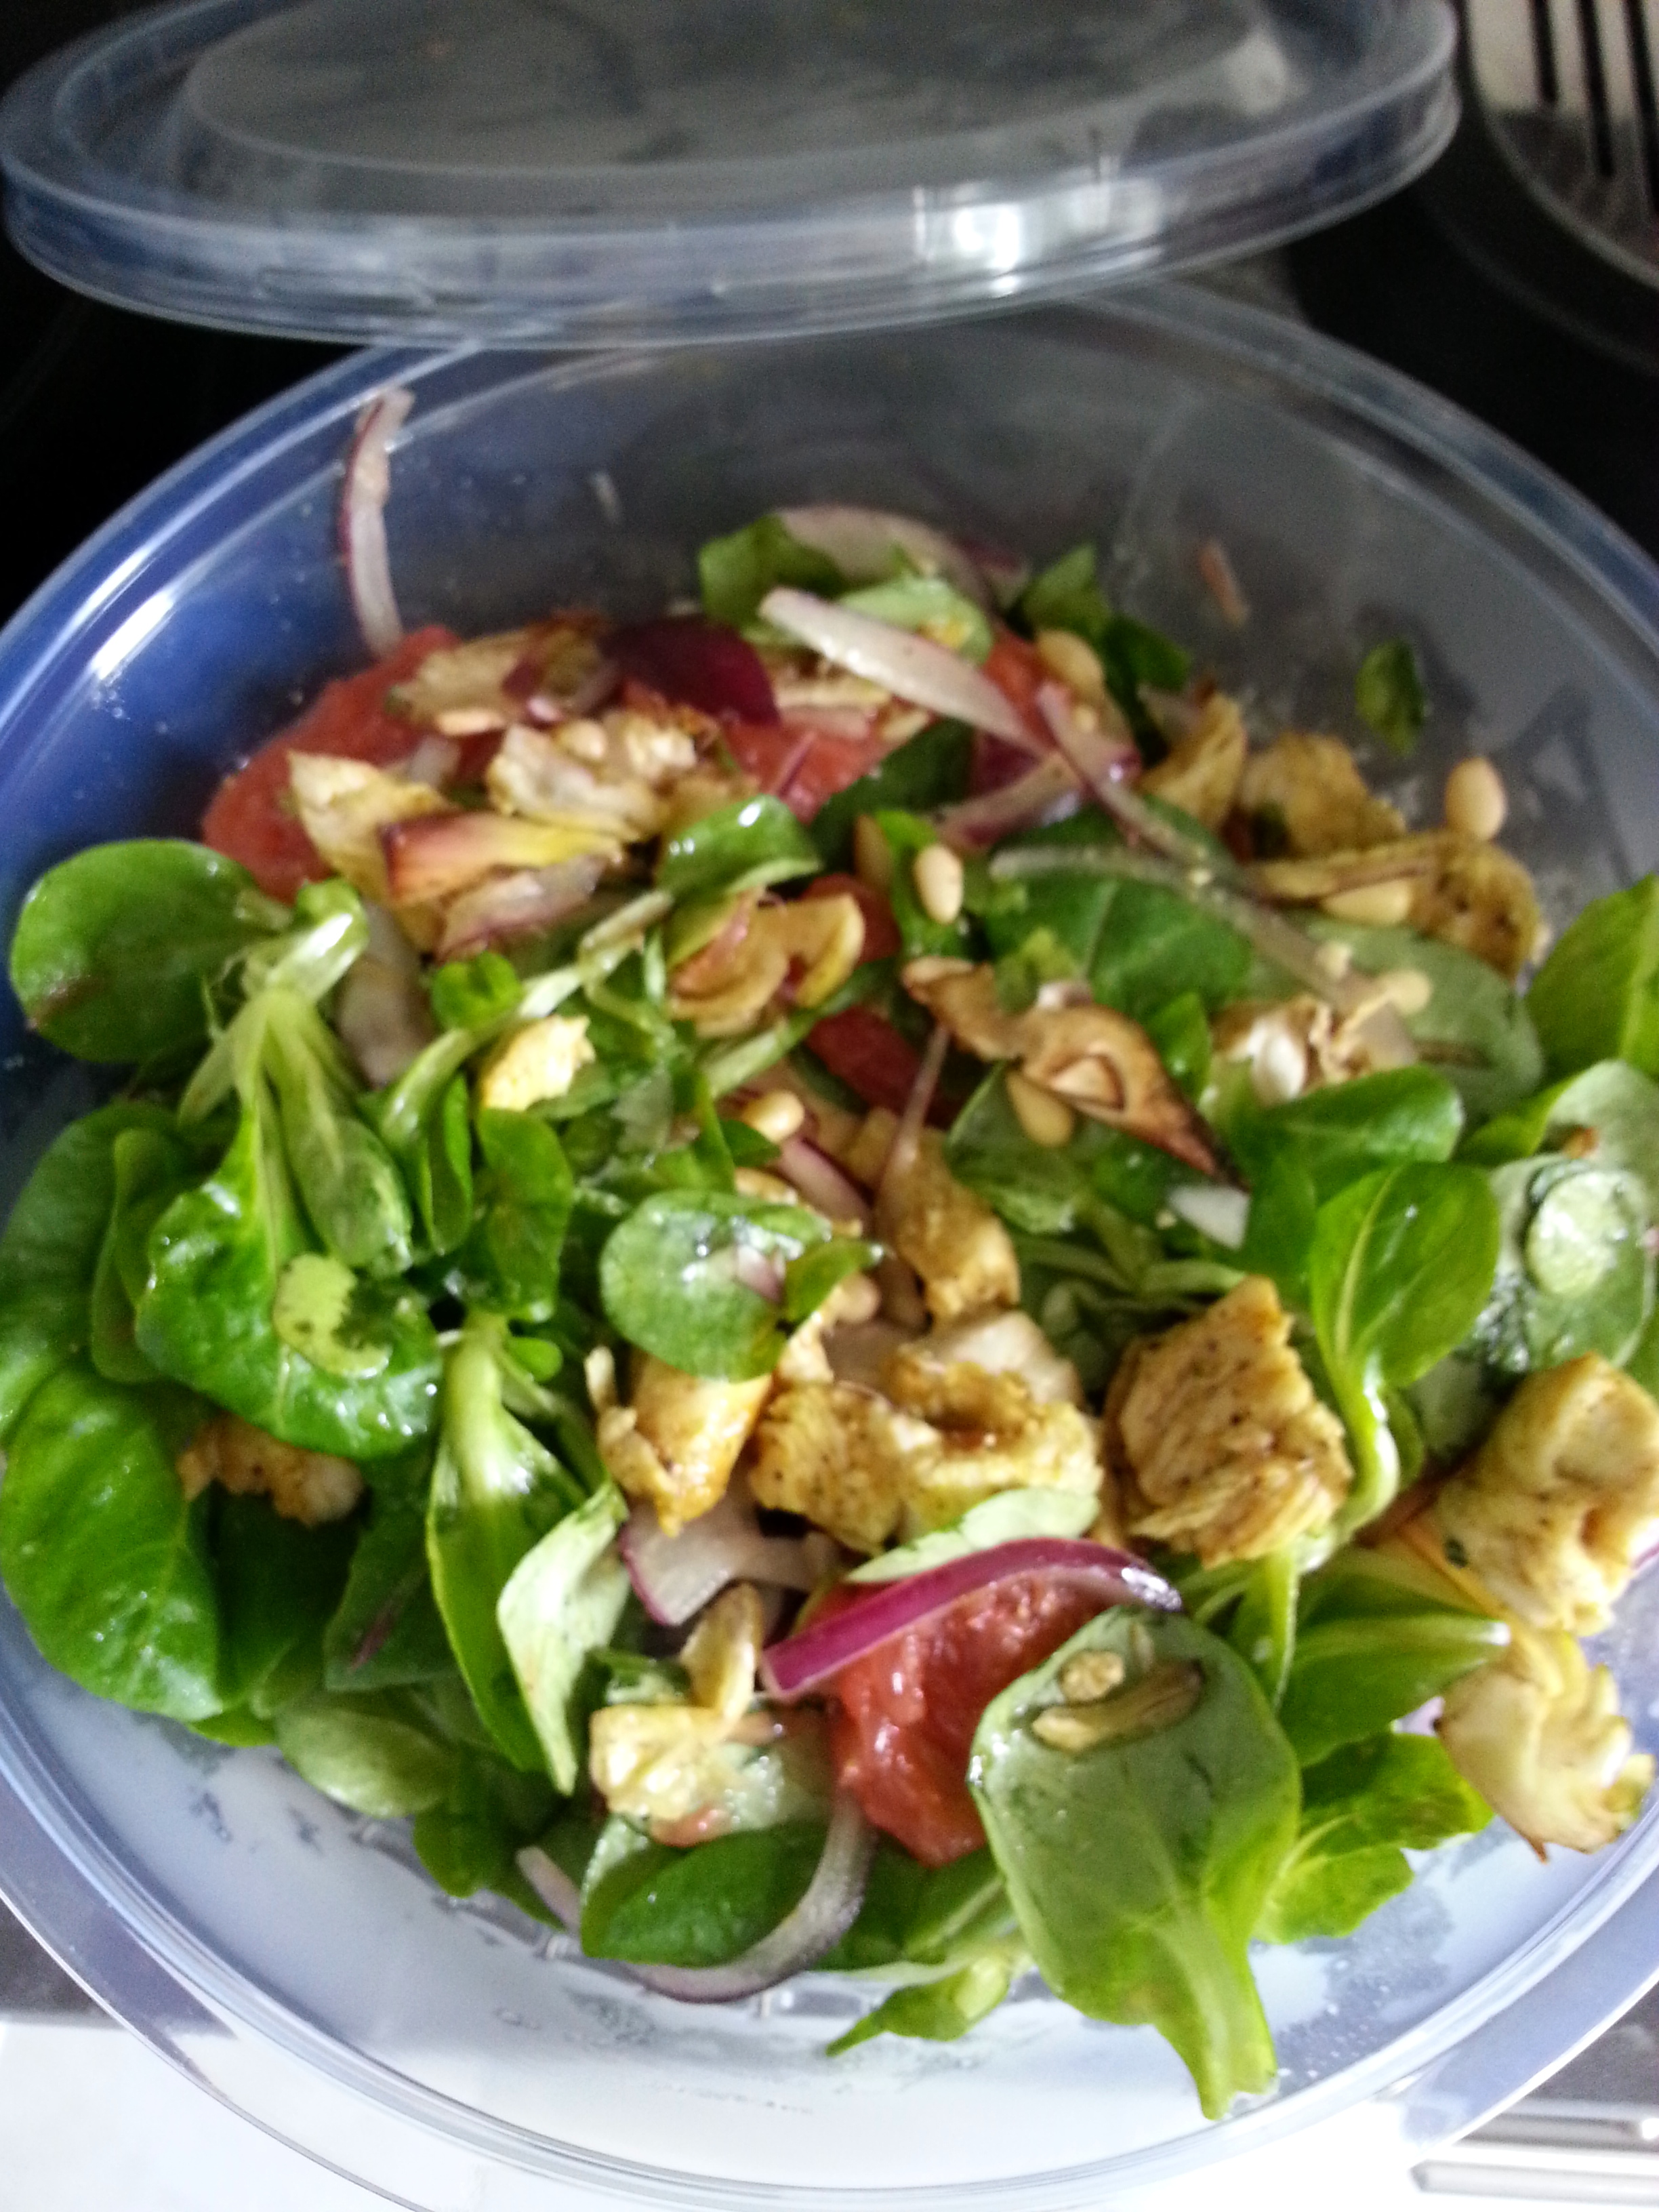 Au gubernatis quand un boulanger ouvre un petit bar salade strolling - Quand repiquer les salades ...